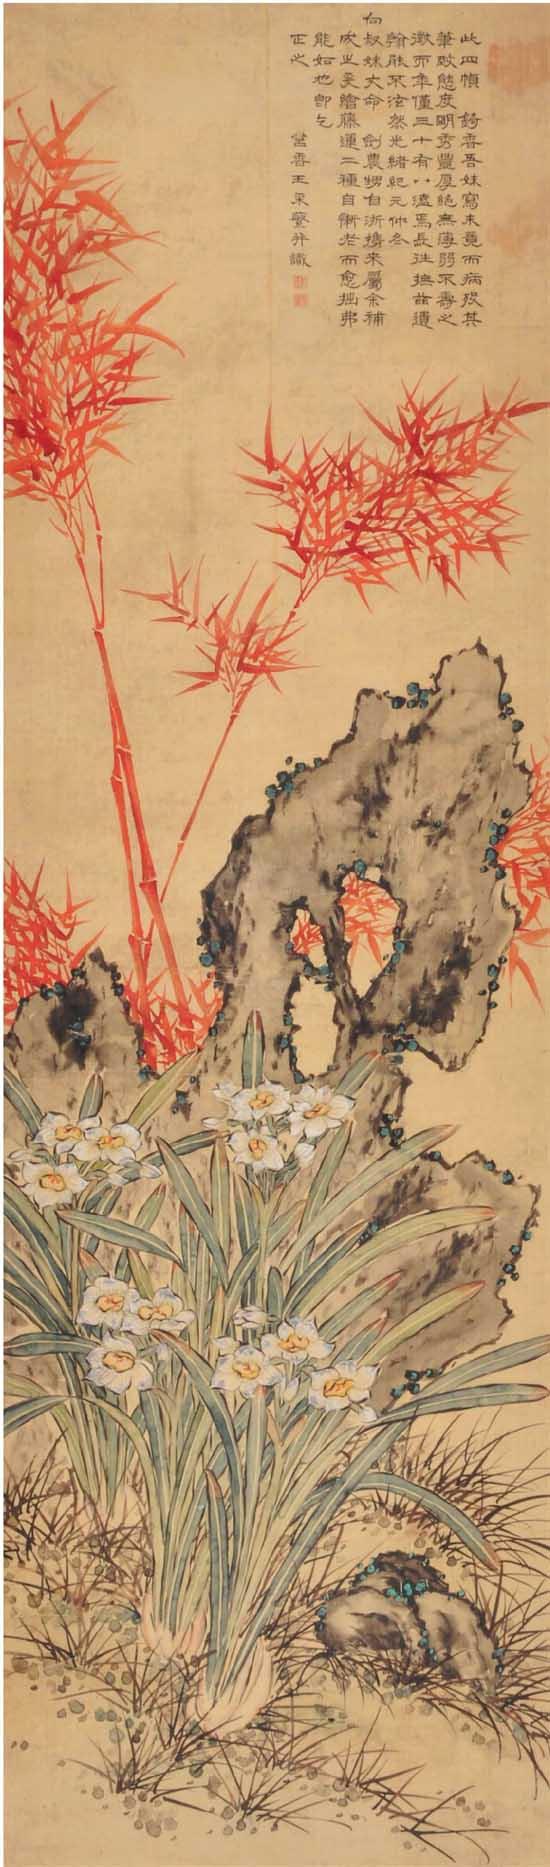 清代,女性绘画在明代兴盛的基础上,又有了进一步的发展